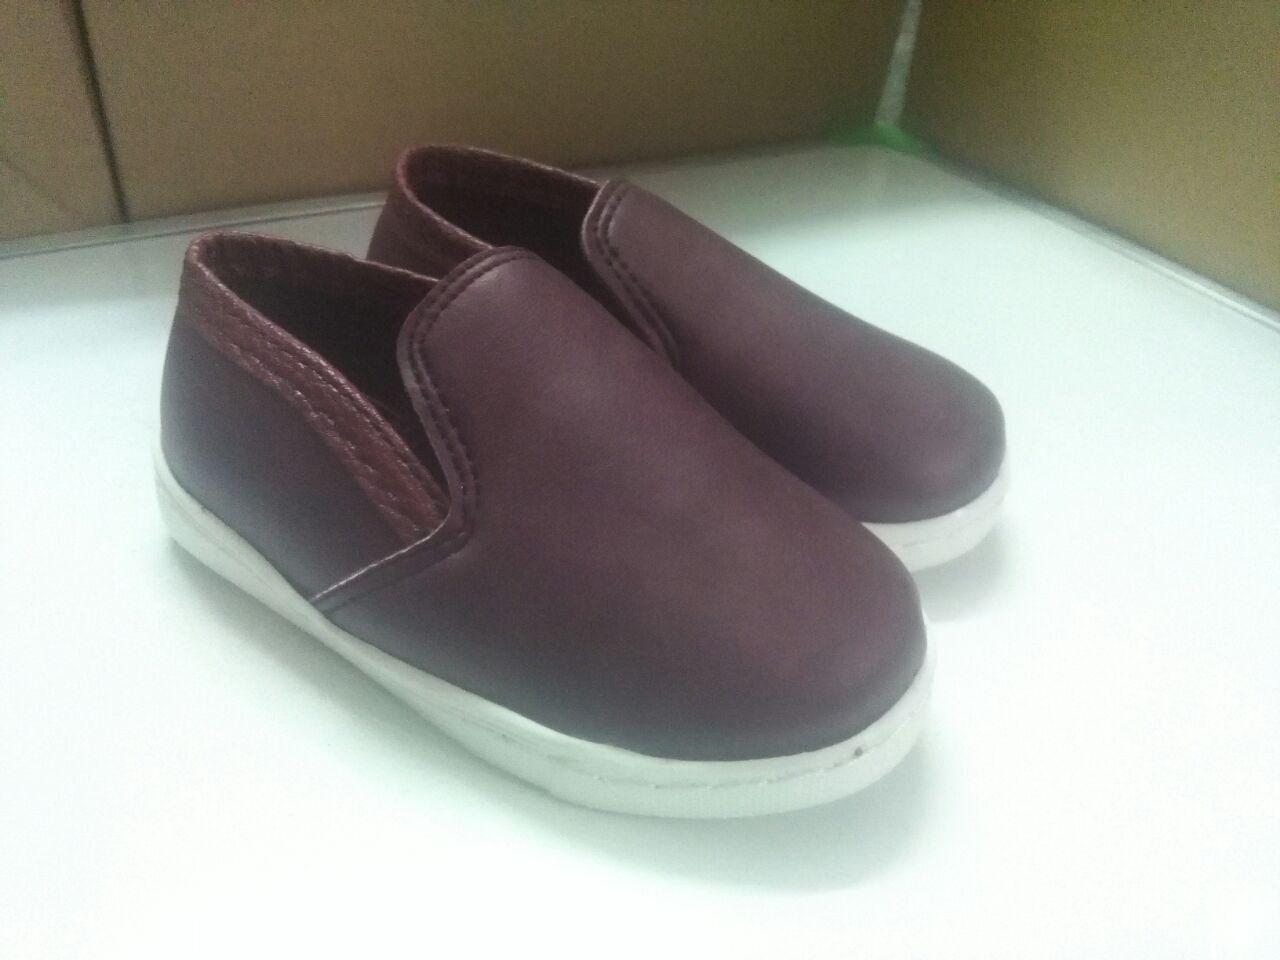 کفش پسرانه بچه گانه مدل ونس